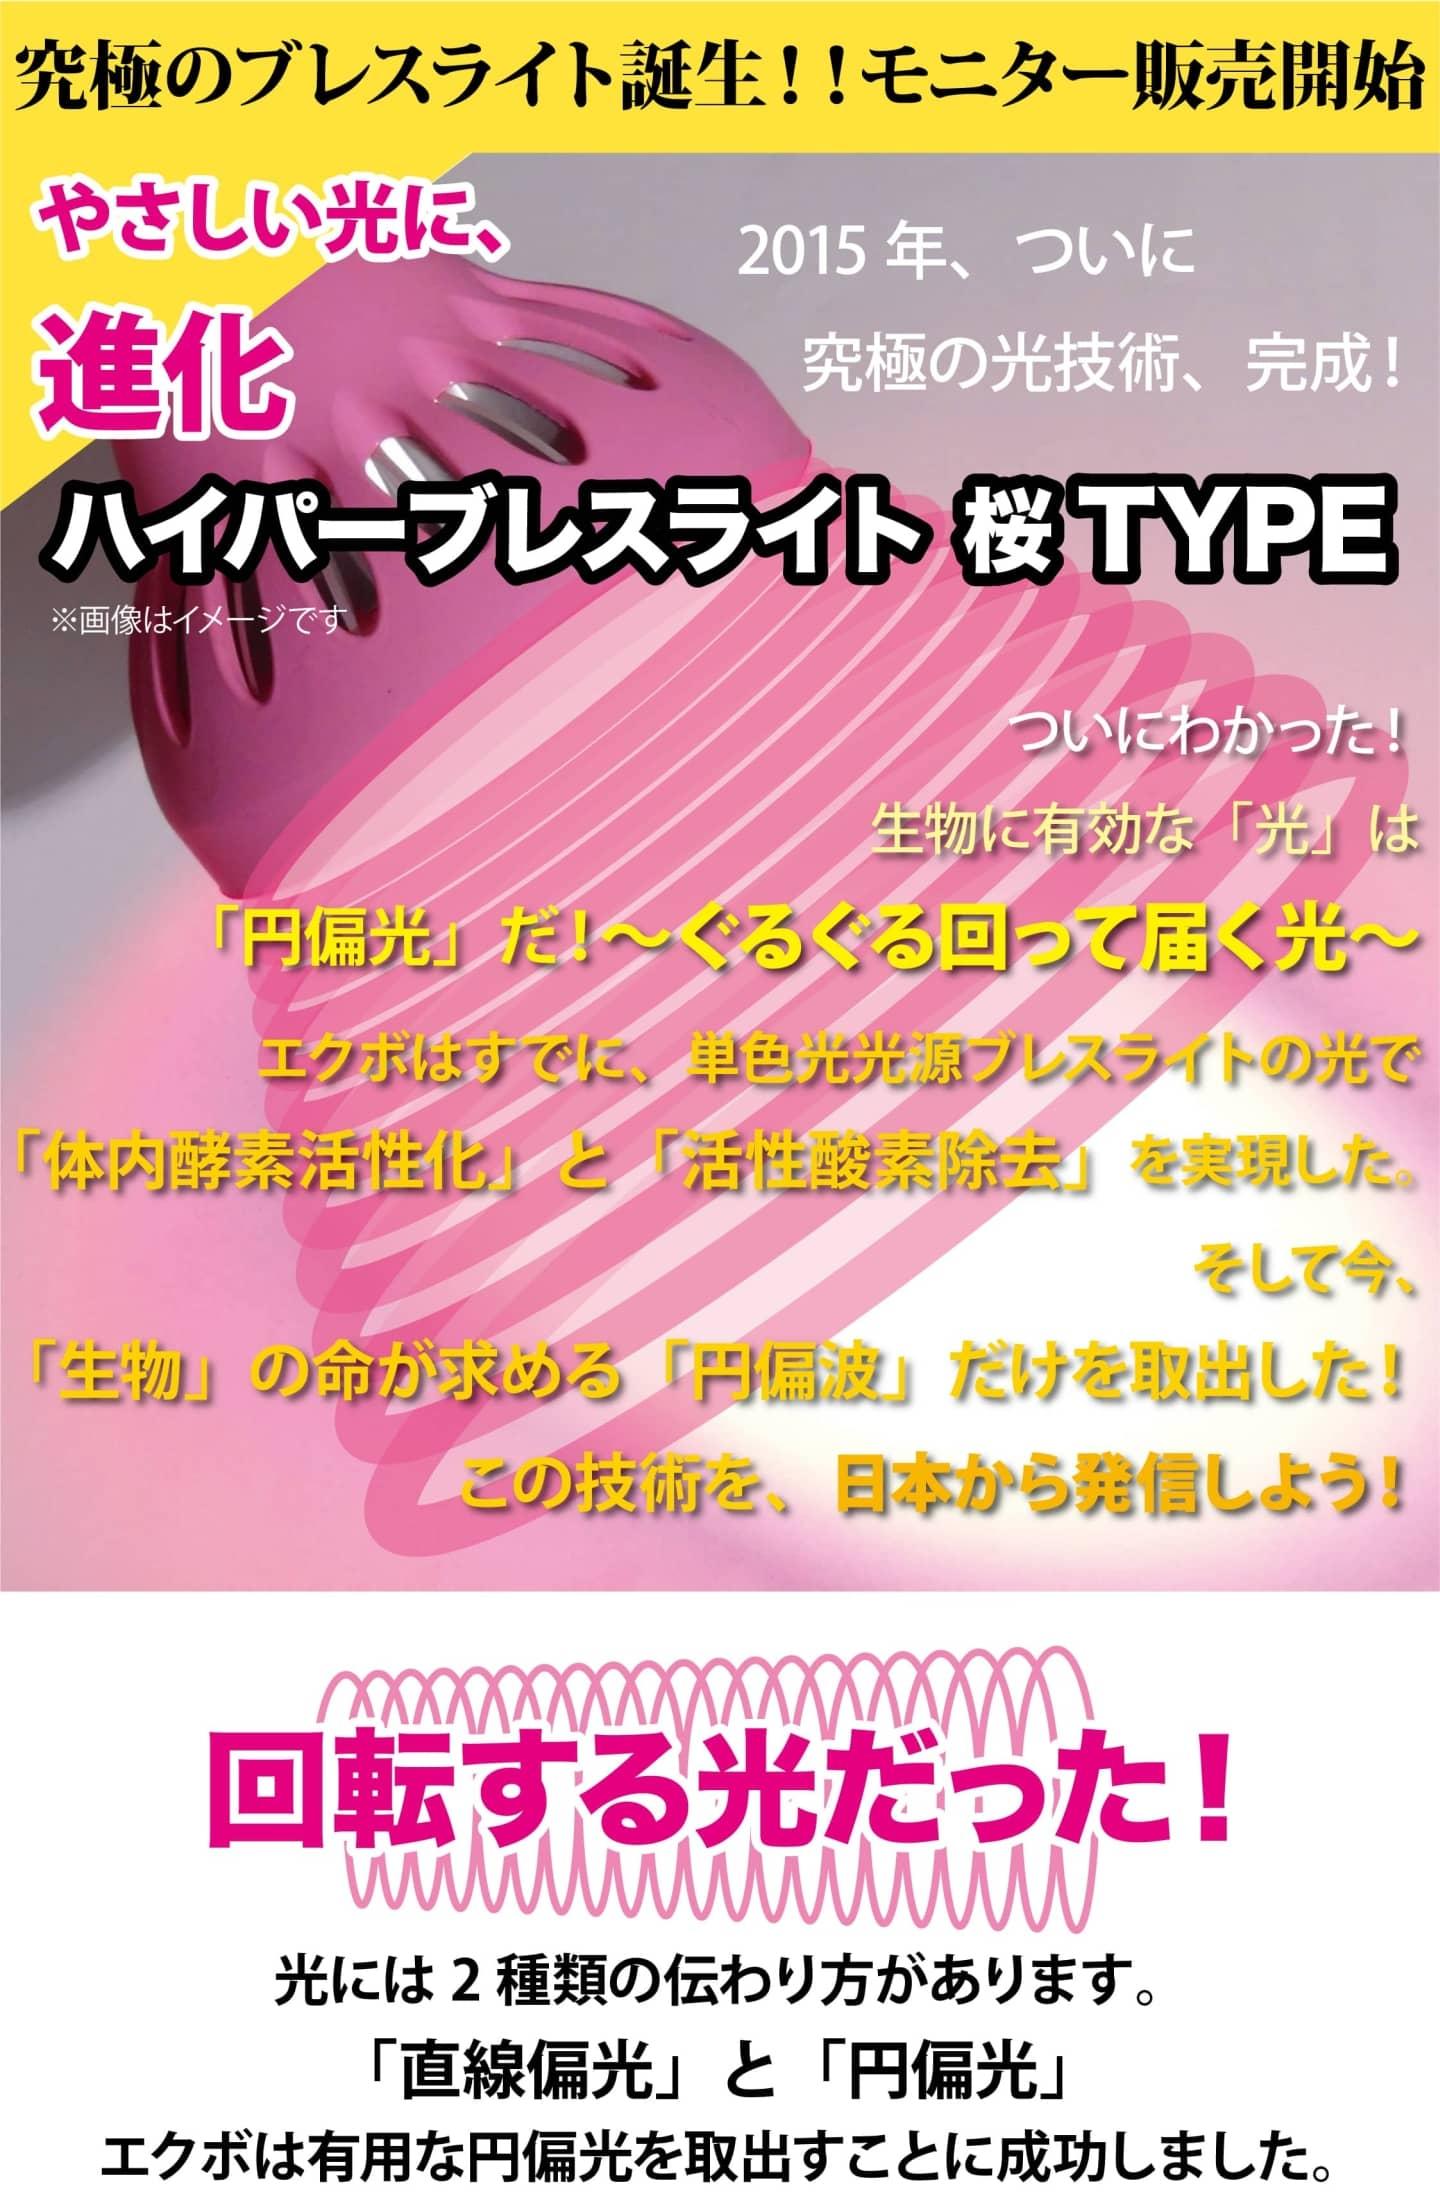 ハイパーブレスライト桜TYPE